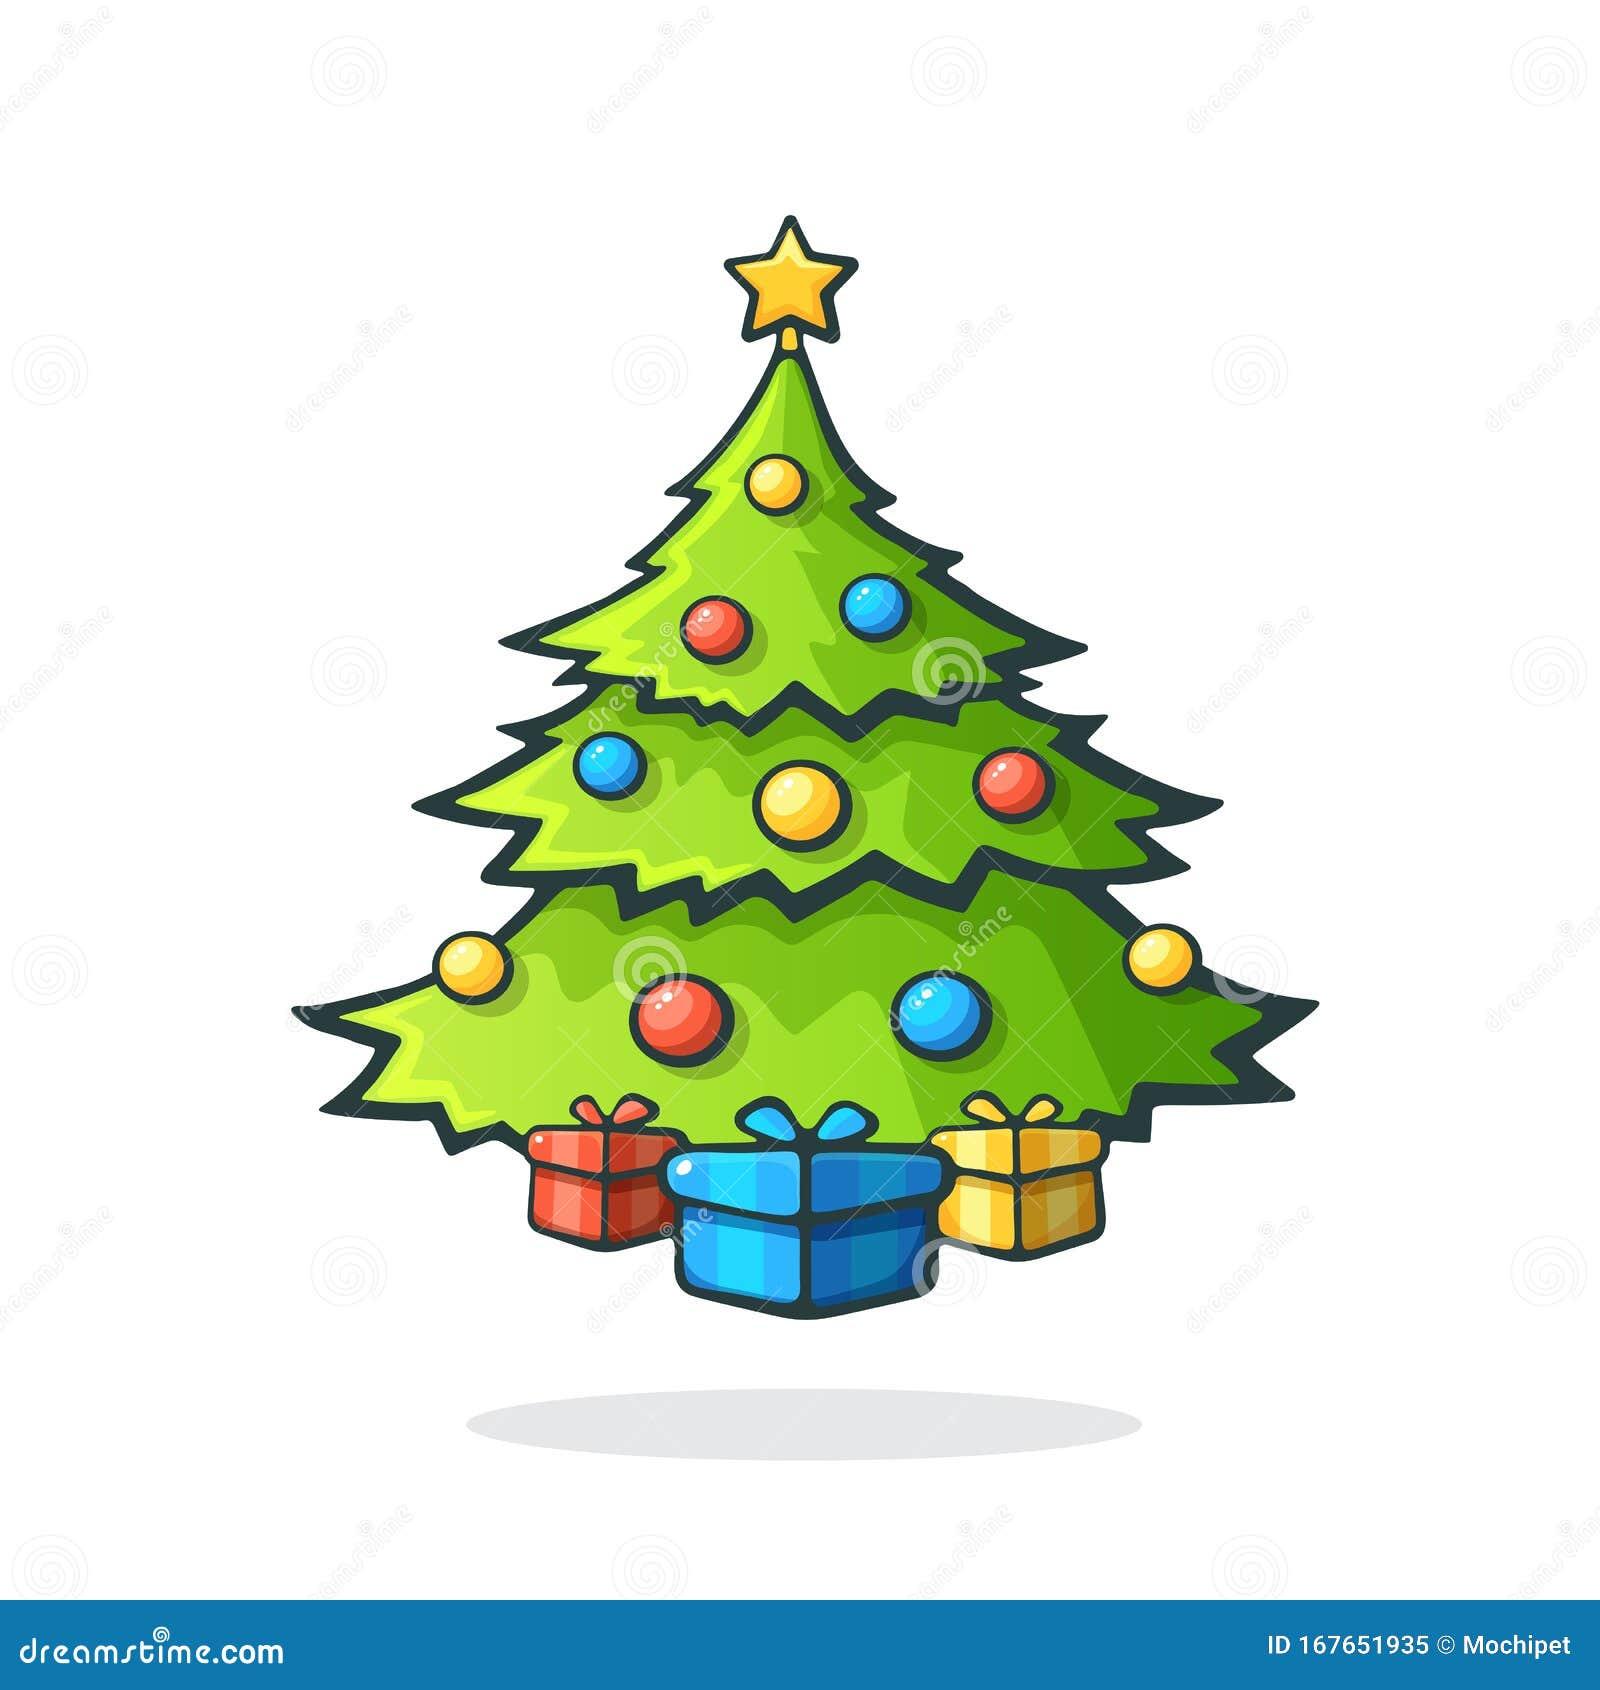 weihnachtsbaum mit geschenken darunter und einem stern auf